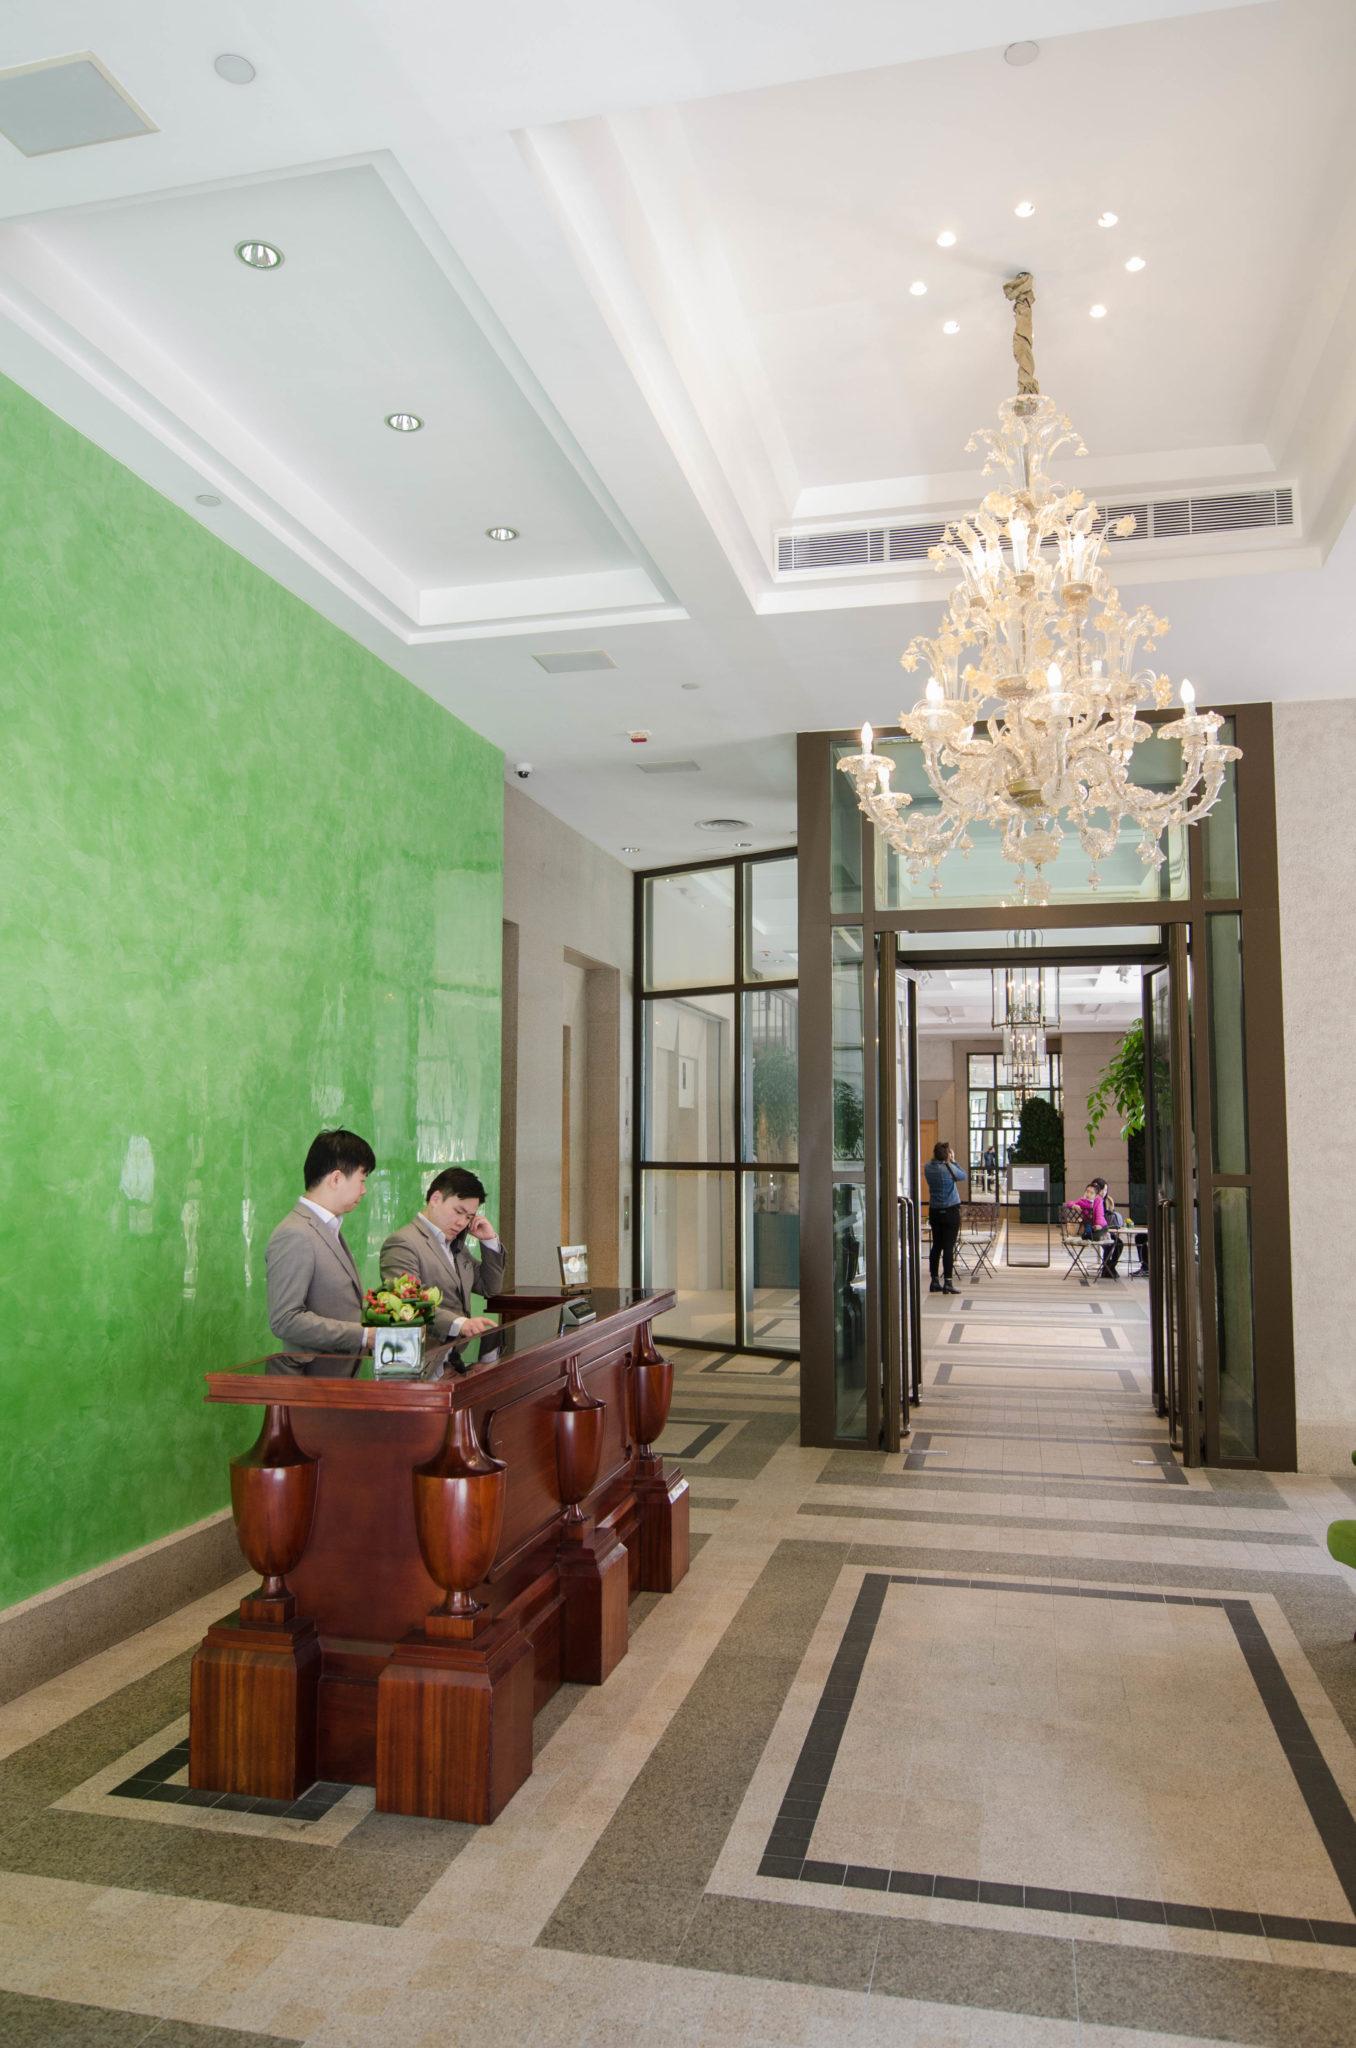 Lanson Place Hotel Hongkong: Der Eingangsbereich führt in die Belle Epoque